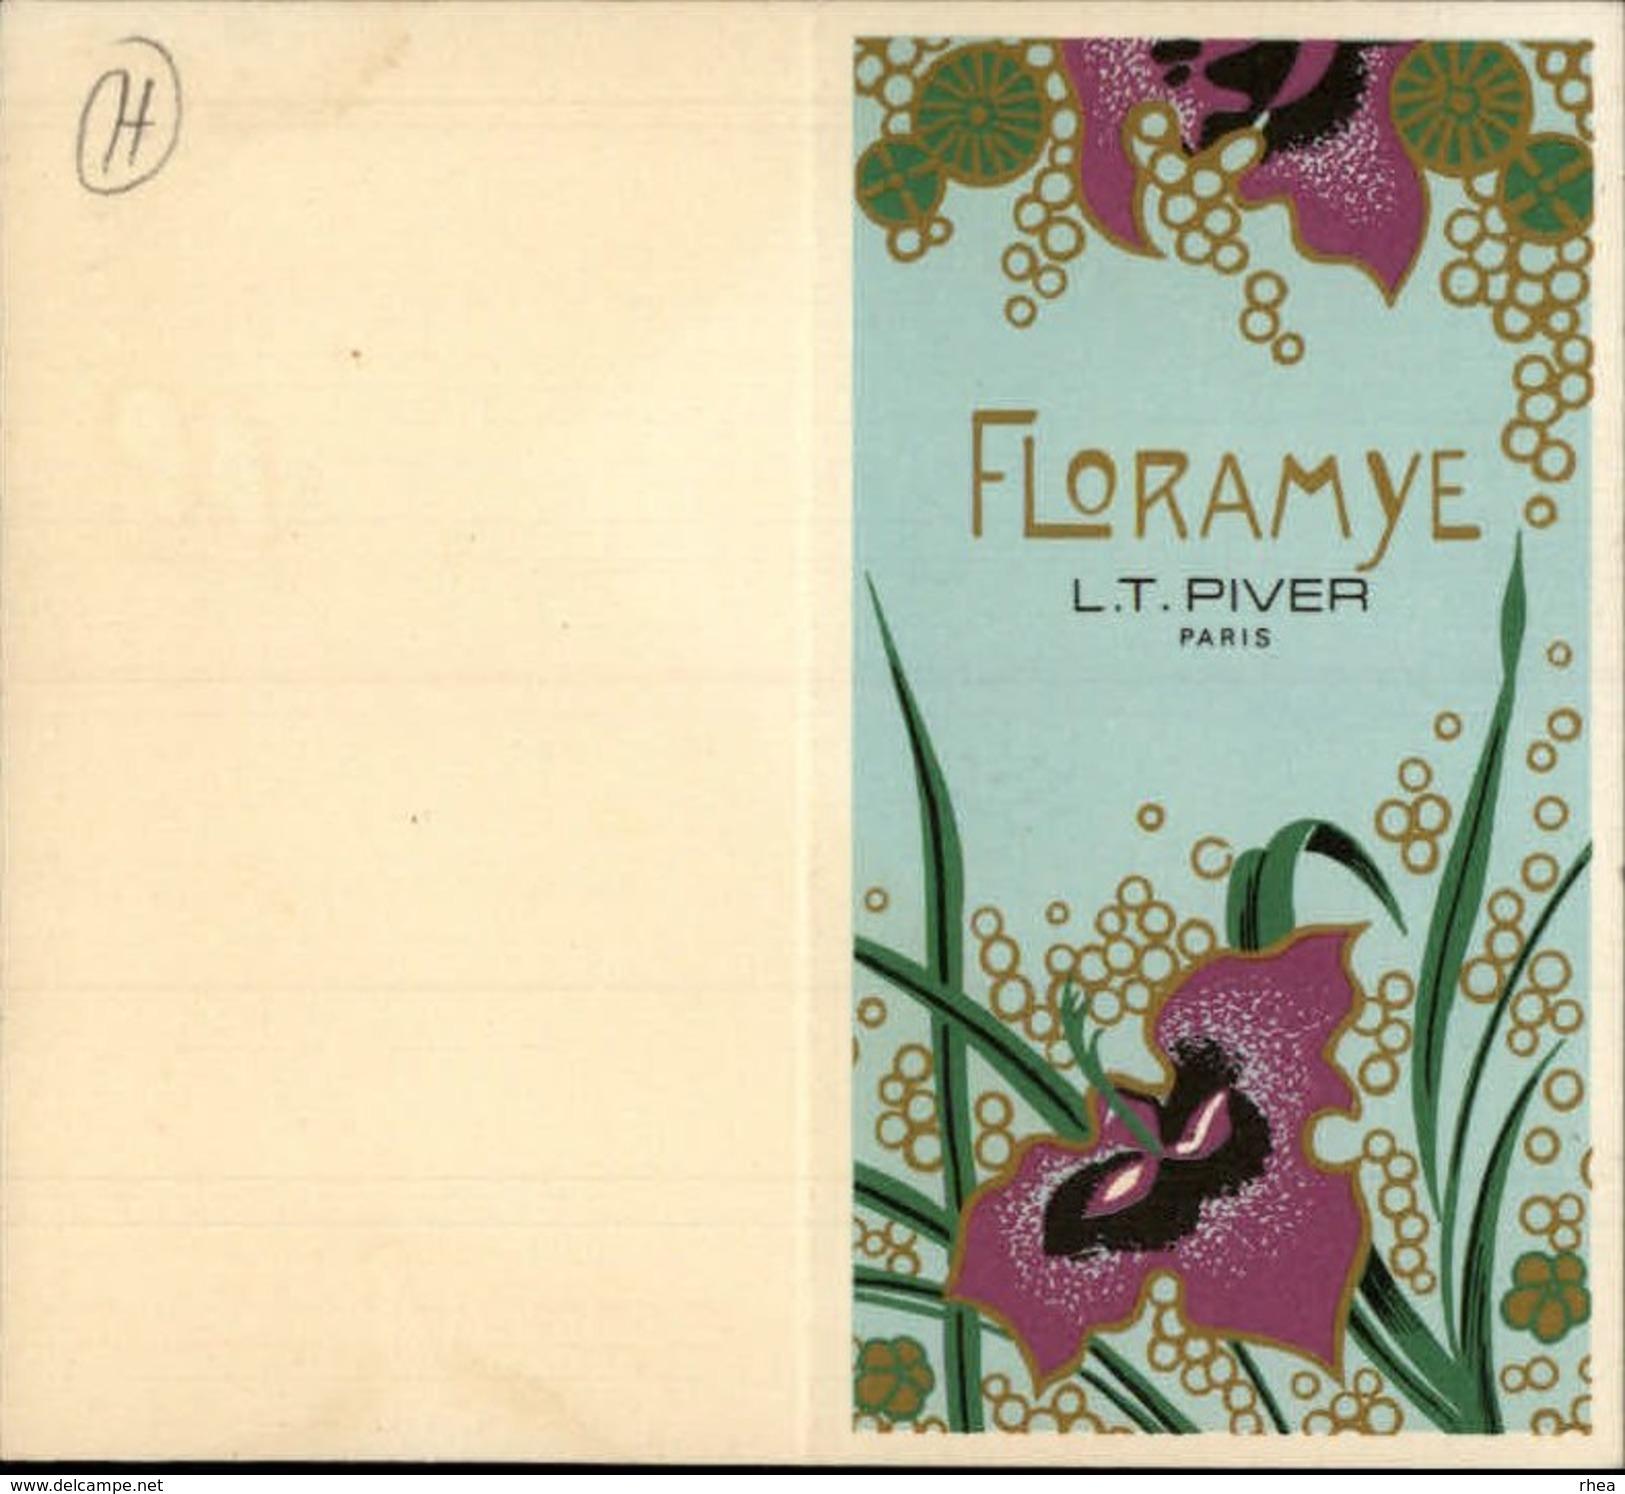 PARFUM - Parfumerie - Floramye De L. T. Piver - Petit Calendrier 1974 - Publicités